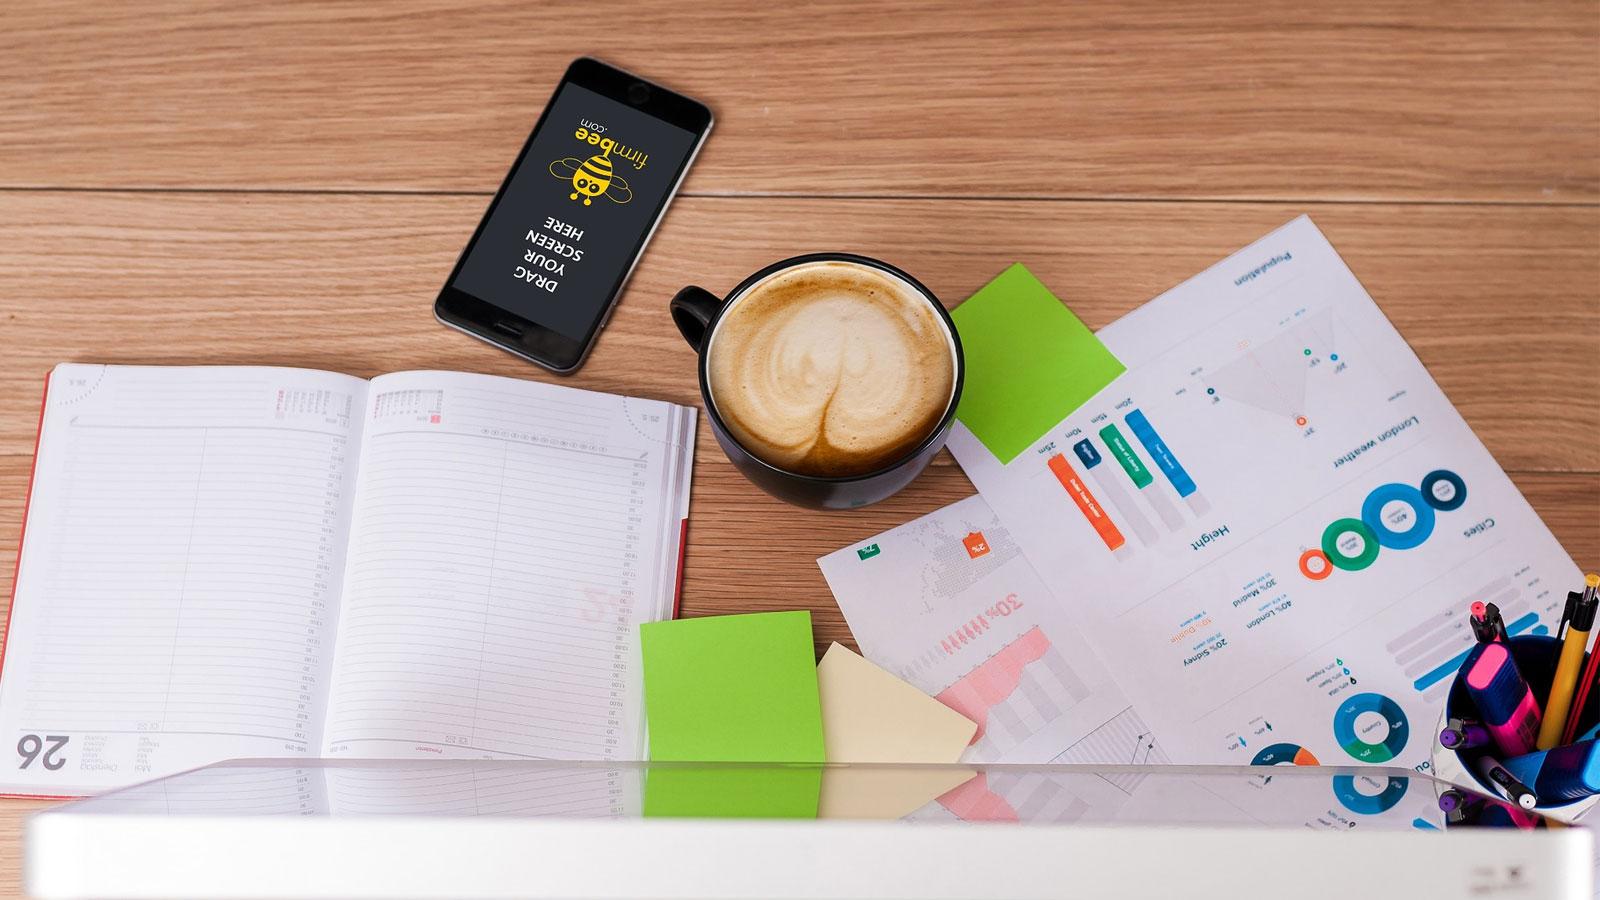 استراتژی های شبکه های اجتماعی که بیزنس شما باید آن را دنبال کند!!